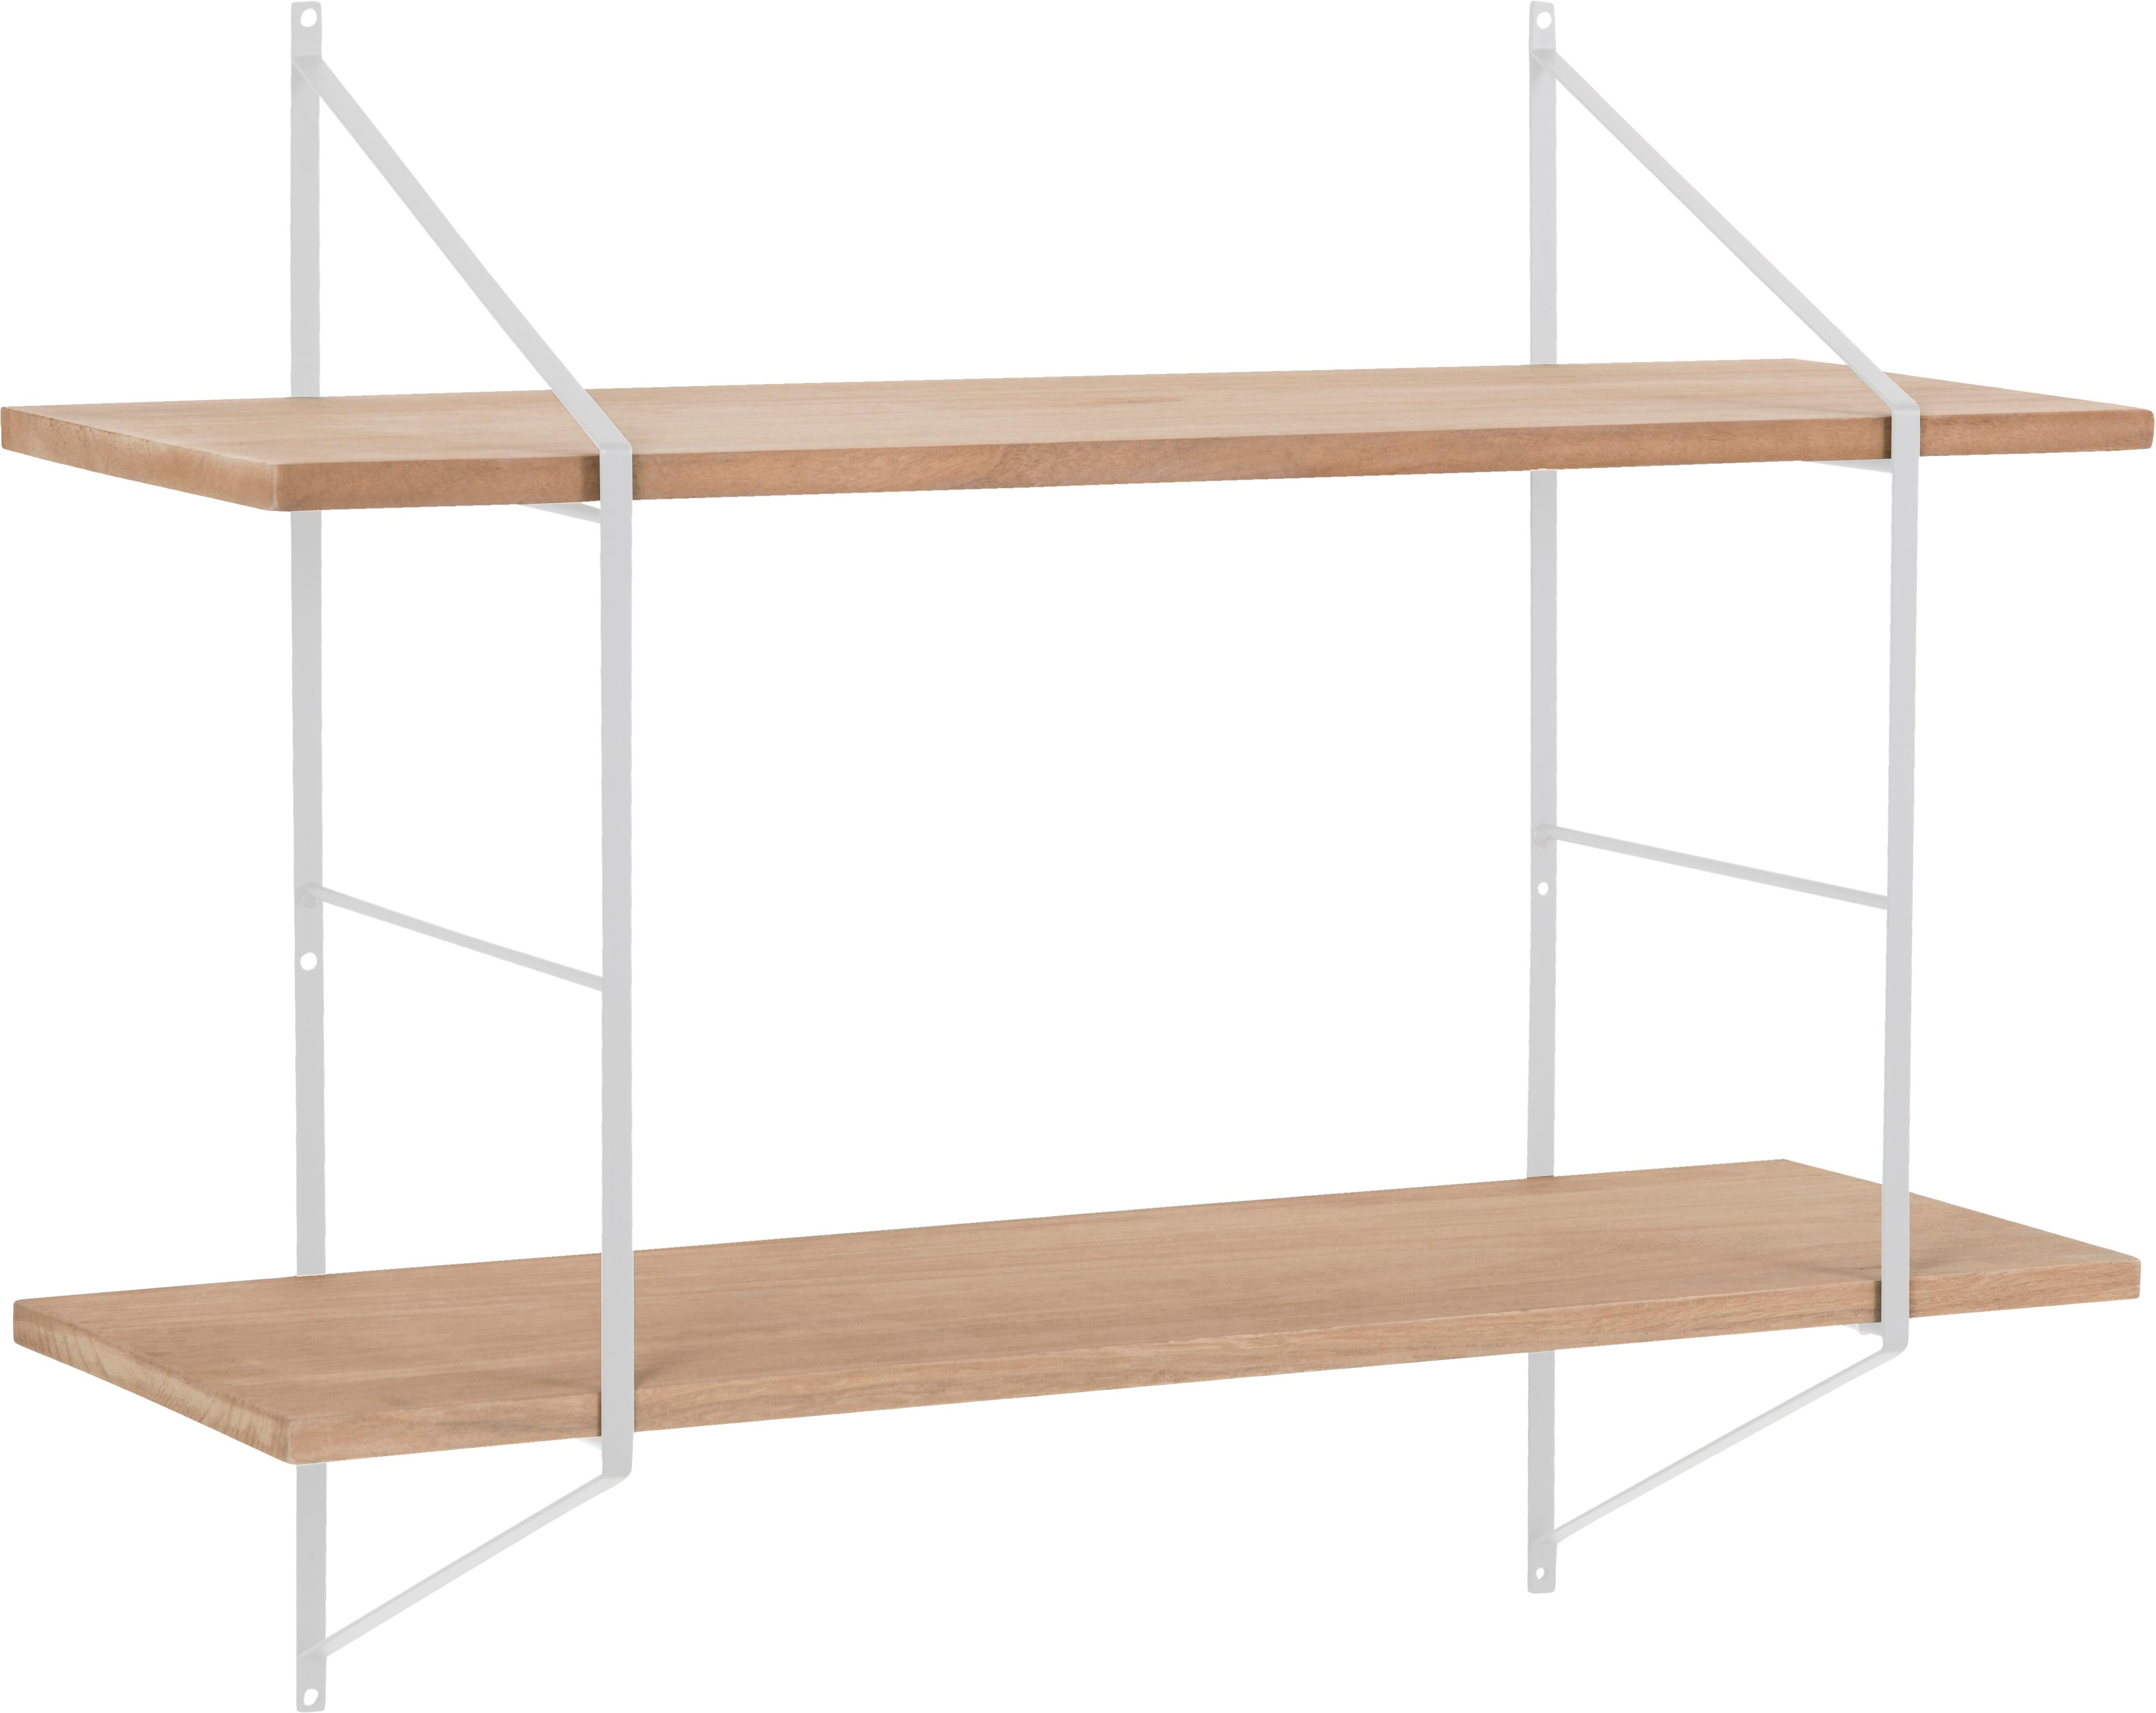 Estante de pared pequeño de madera y metal Belfast, Estructura: metal con pintura en polv, Estantes: madera de Paulownia engra, Blanco, beige, An 76 x Al 63 cm